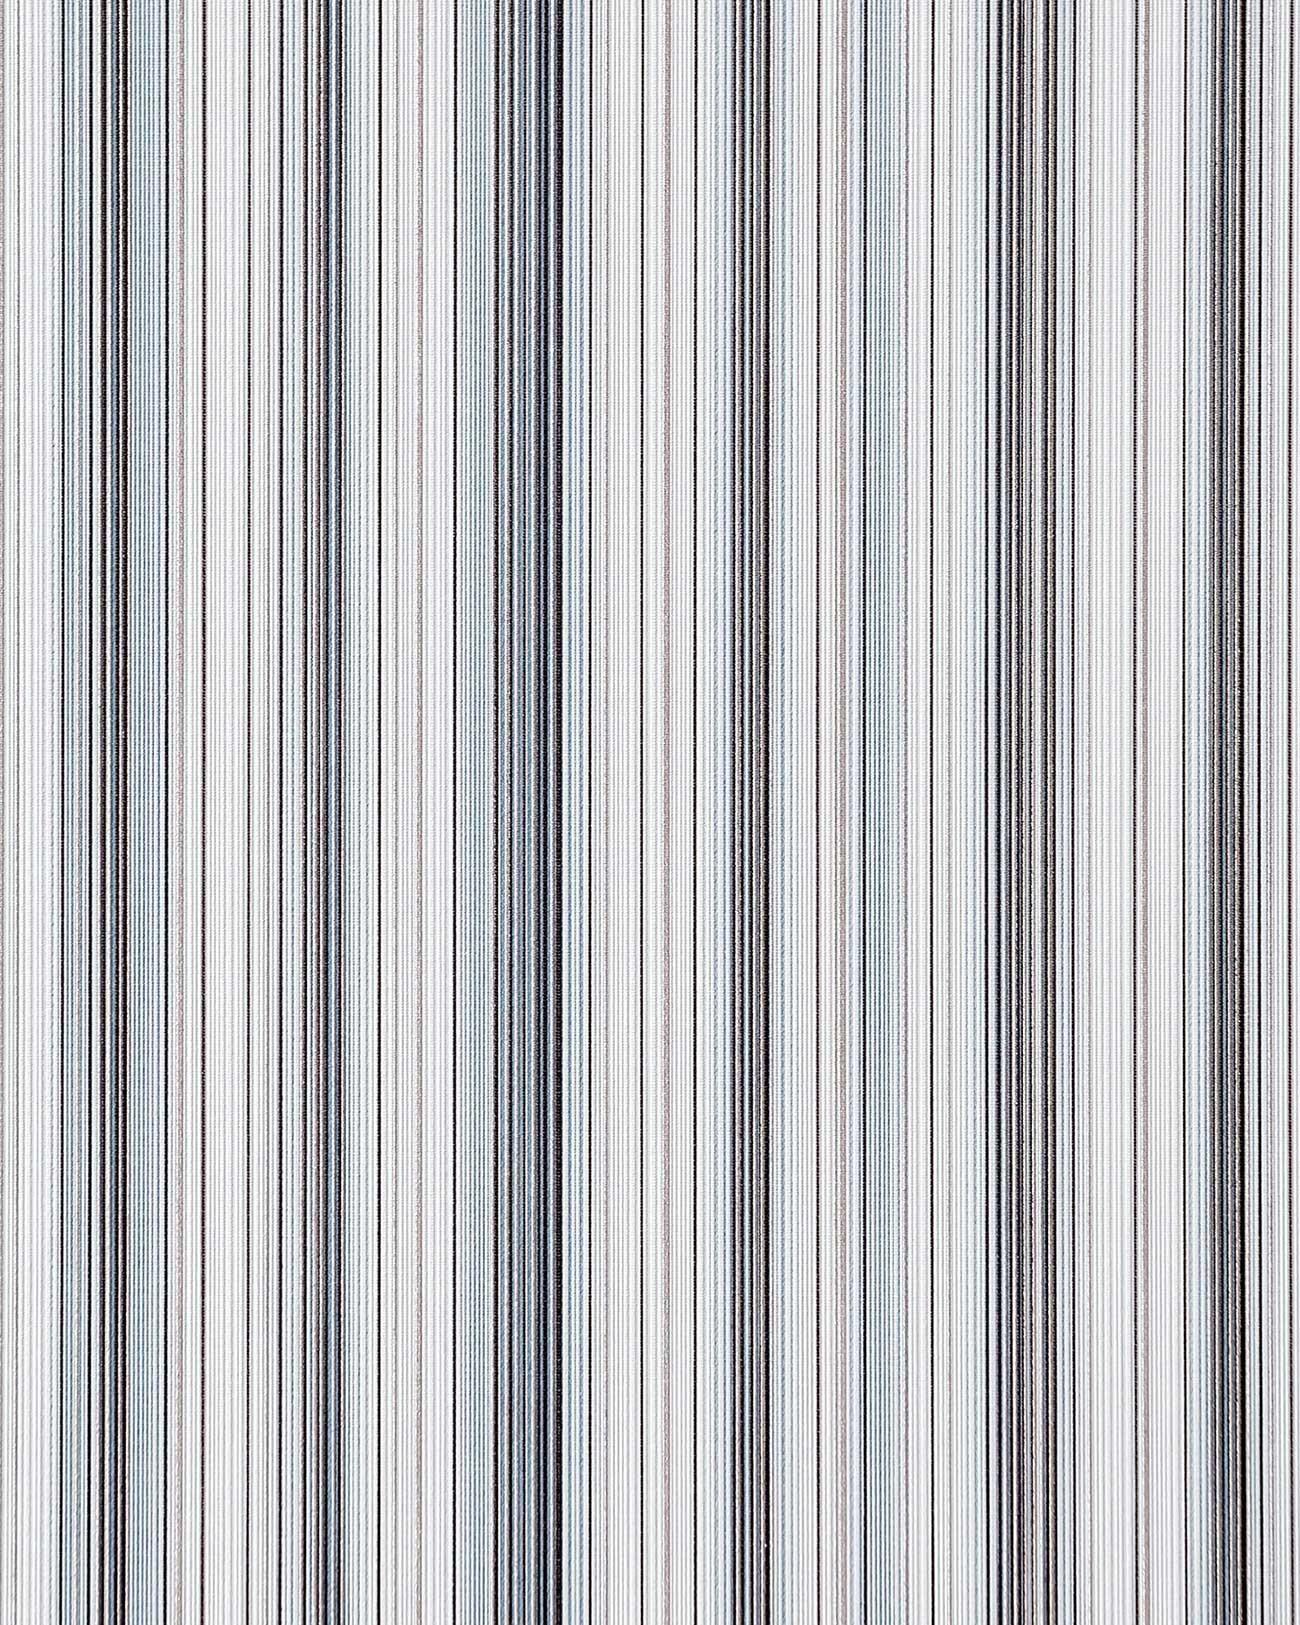 Full Size of Tapeten Modern Streifen Tapete Edem 097 26 Designer Prunkvolle Und Moderne Deckenleuchte Wohnzimmer Bilder Esstisch Fürs Modernes Bett 180x200 Für Die Küche Wohnzimmer Tapeten Modern